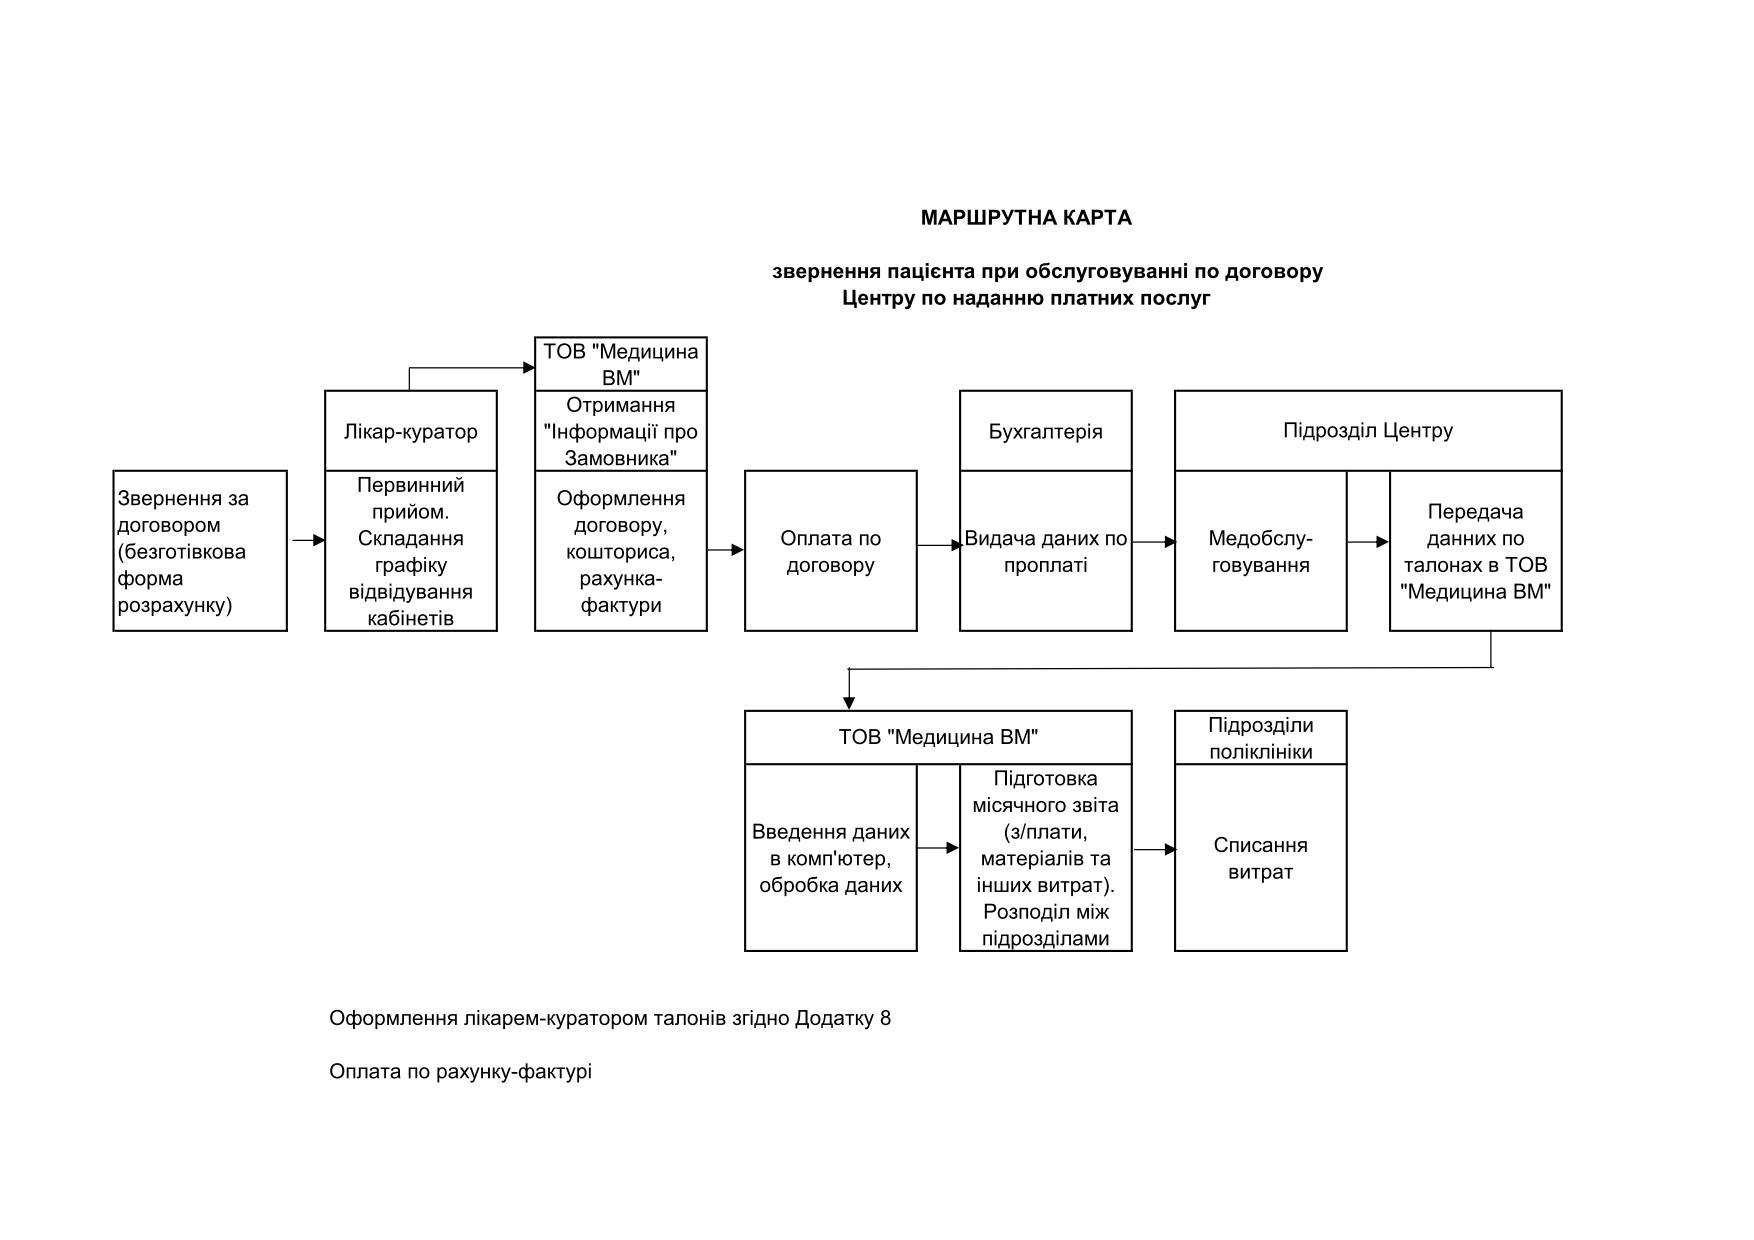 Маршрутна карта співпраці